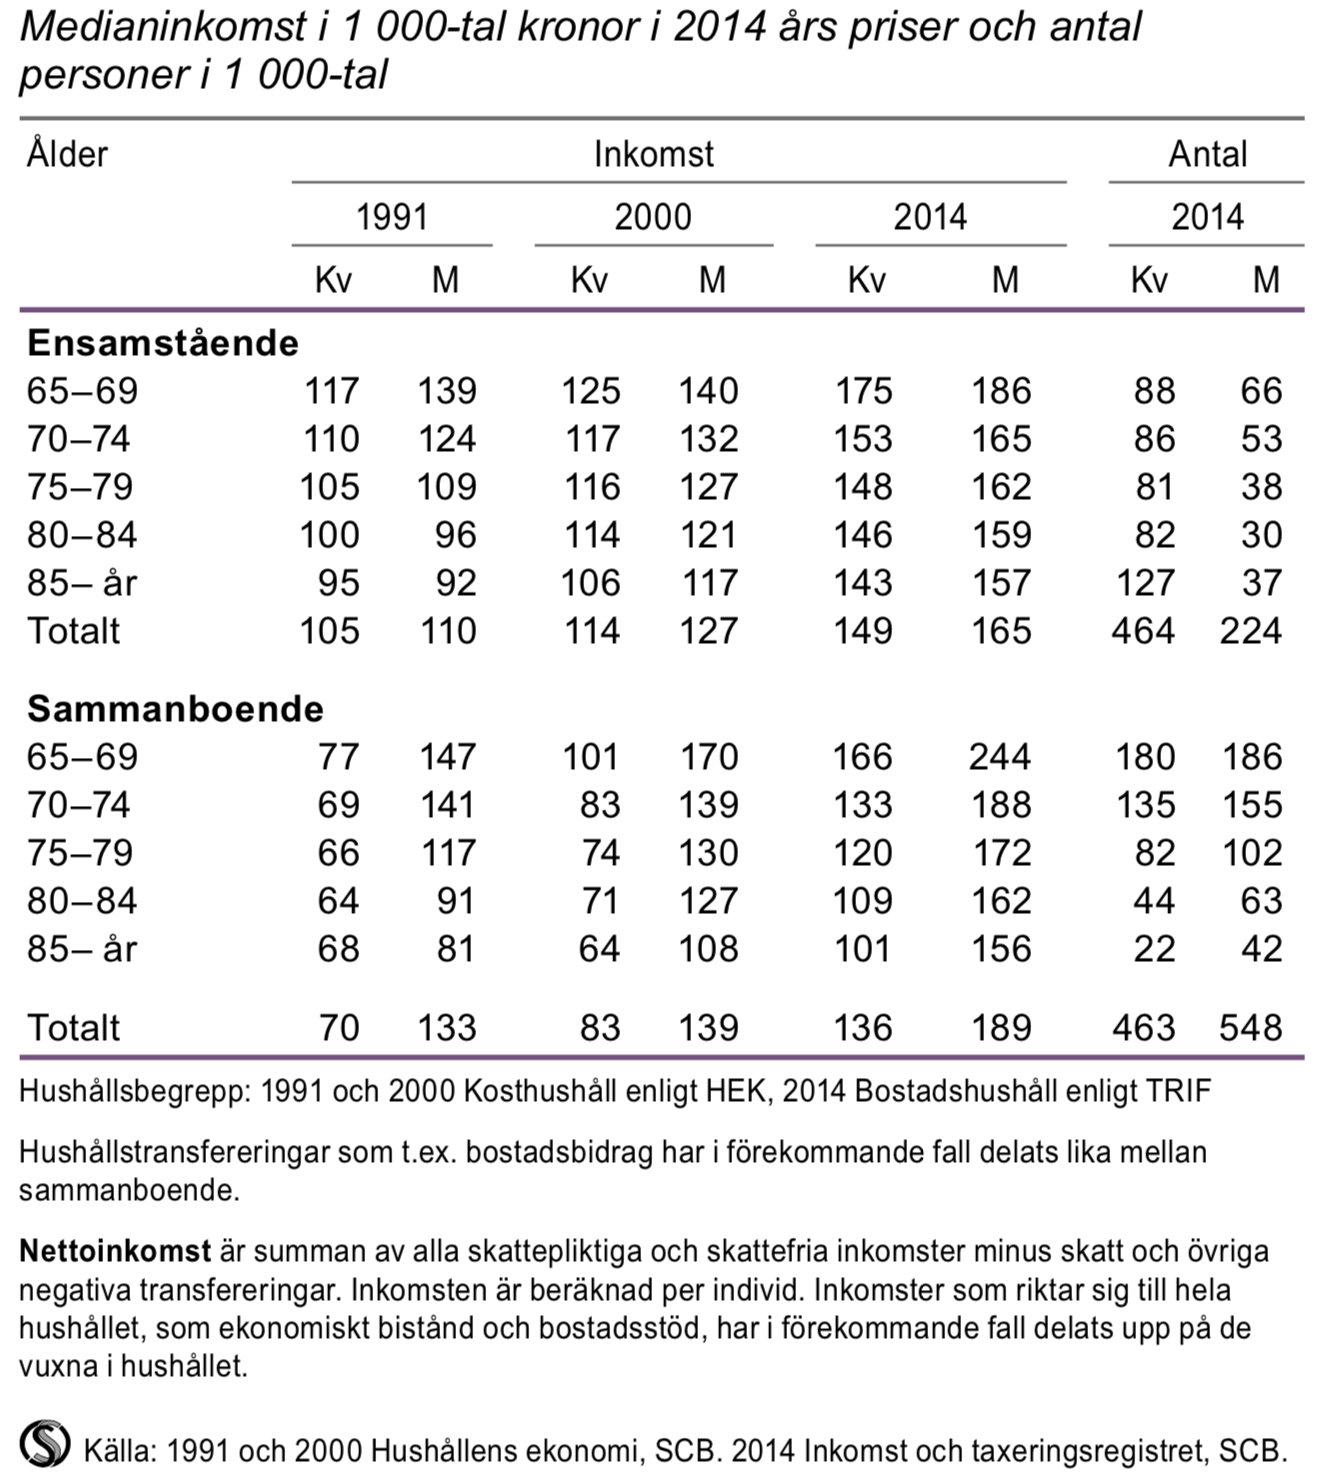 Nettoinkomst för personer i åldern 65 år och äldre efter hushållstyp och ålder 1991, 2000 och 2014